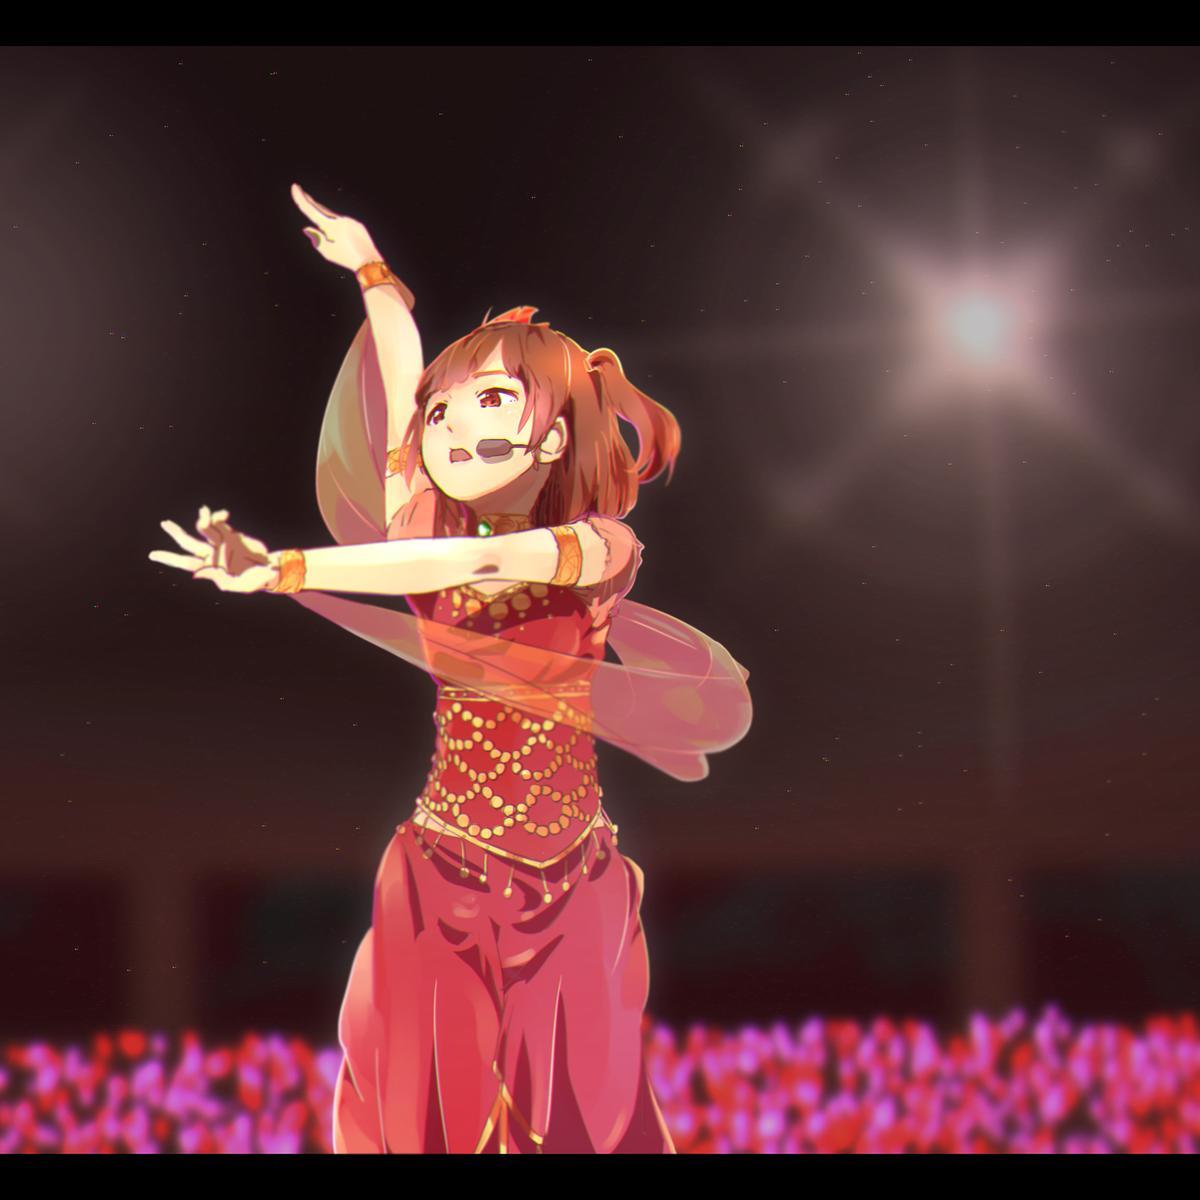 紅い太陽のドレスで踊る降幡さんが最高にカッコよかったです。。。 #Aqours2ndLoveLive